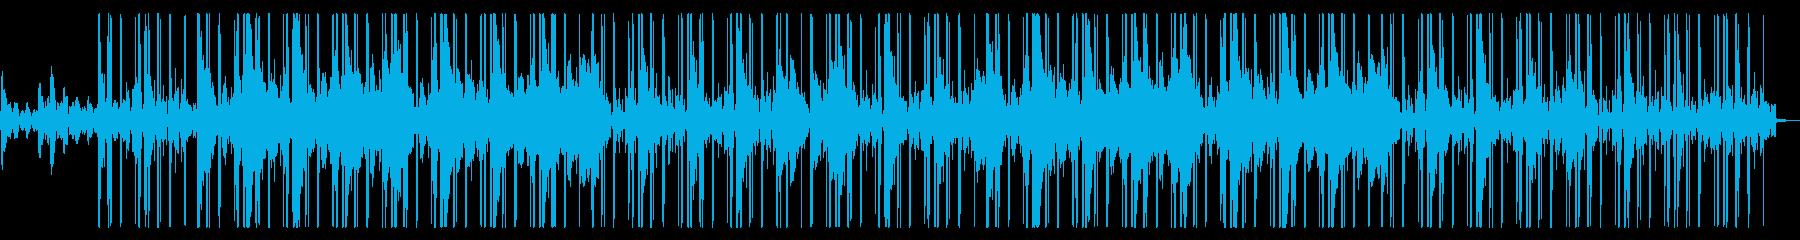 HIPHOP TRAP SOUL の再生済みの波形